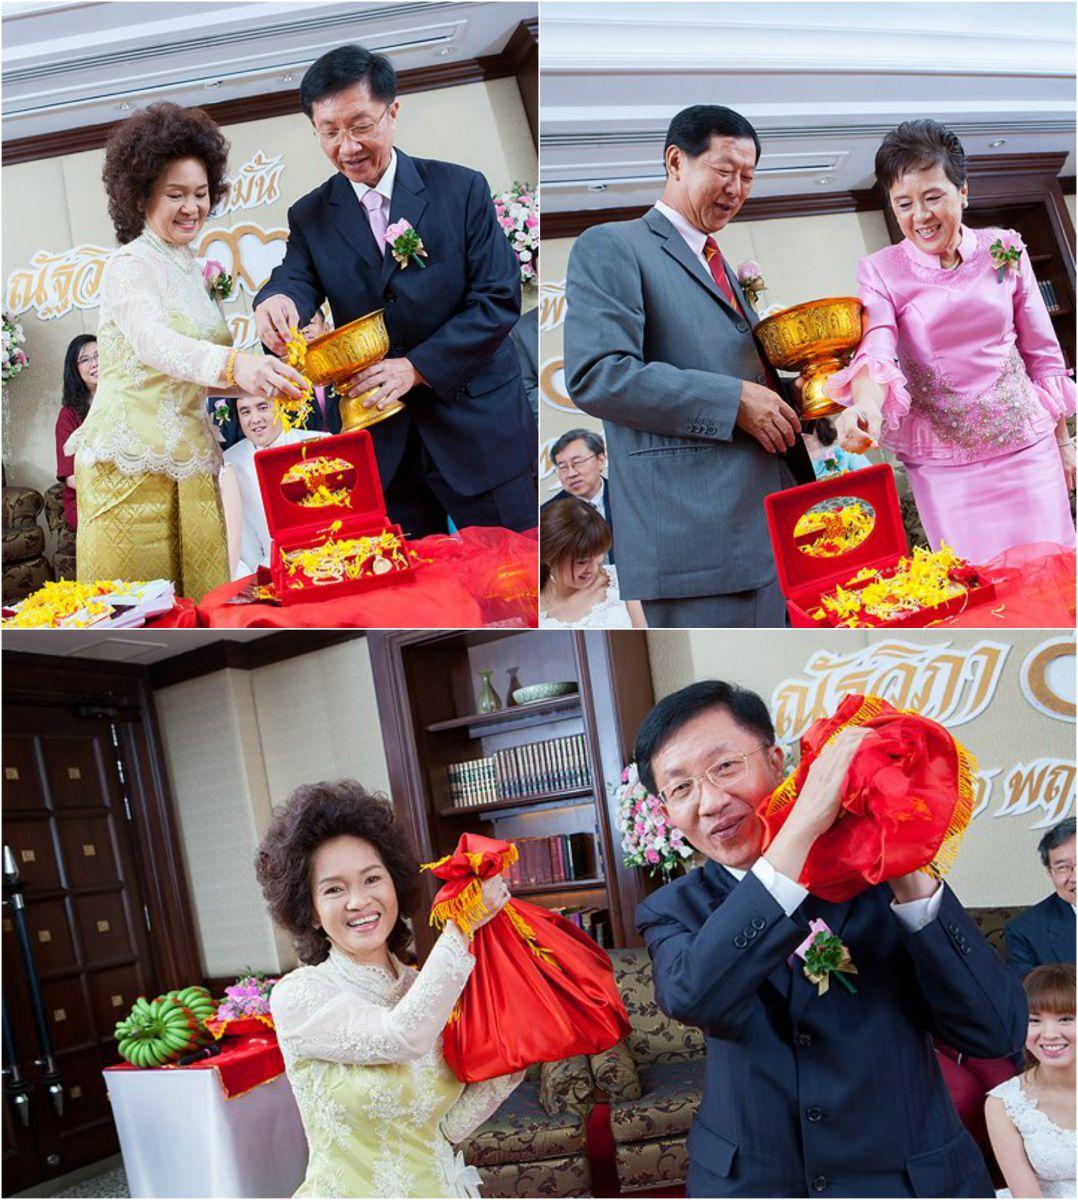 พิธีแต่งงานแบบจีน,งานหมั้น,พิธีหมั้น,พิธีเปิดสินสอด ครบทุกพิธีแต่งงานแบบจีนใน 1 วัน